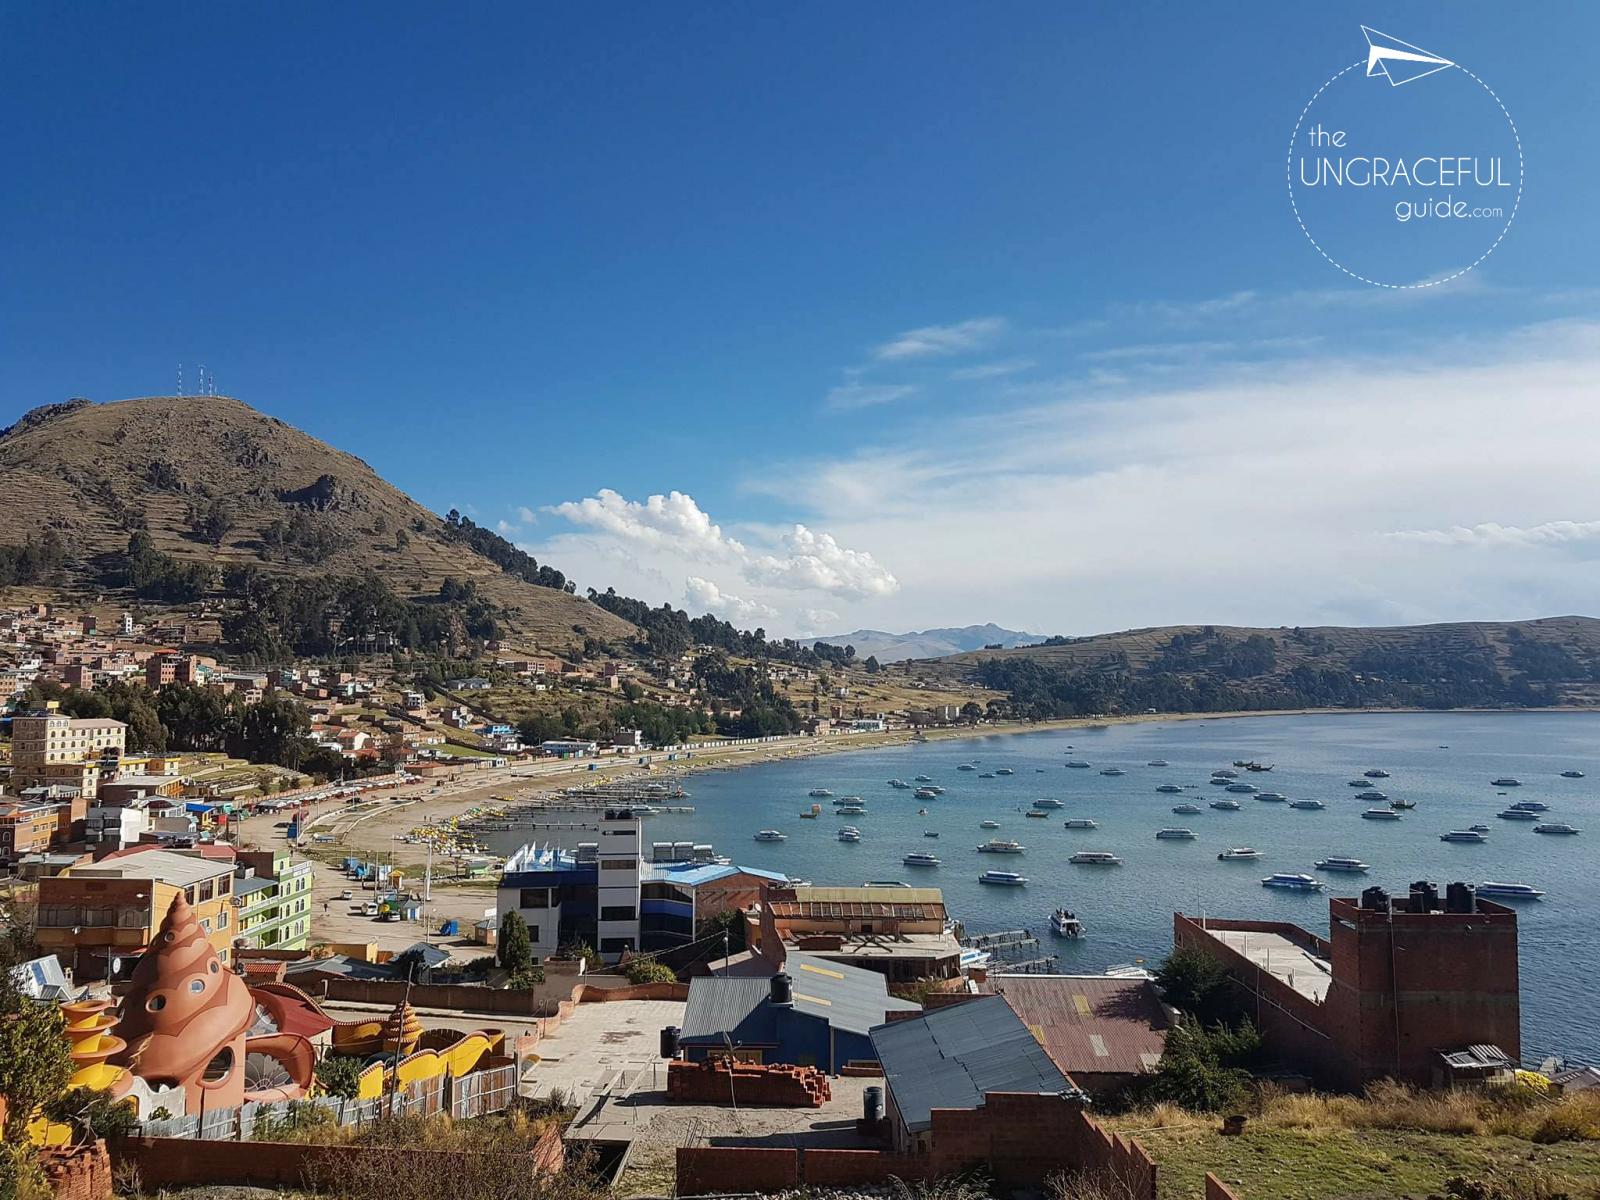 """<img src=""""data:image/gif;base64,R0lGODdhAQABAPAAAP///wAAACwAAAAAAQABAEACAkQBADs="""" data-lazy-src=""""images/"""" width=""""800"""" height=""""600"""" alt=""""copacabana - 2017 12 19 01 - Bolivia: Stairway to Heaven, Volunteering in Copacabana"""">"""